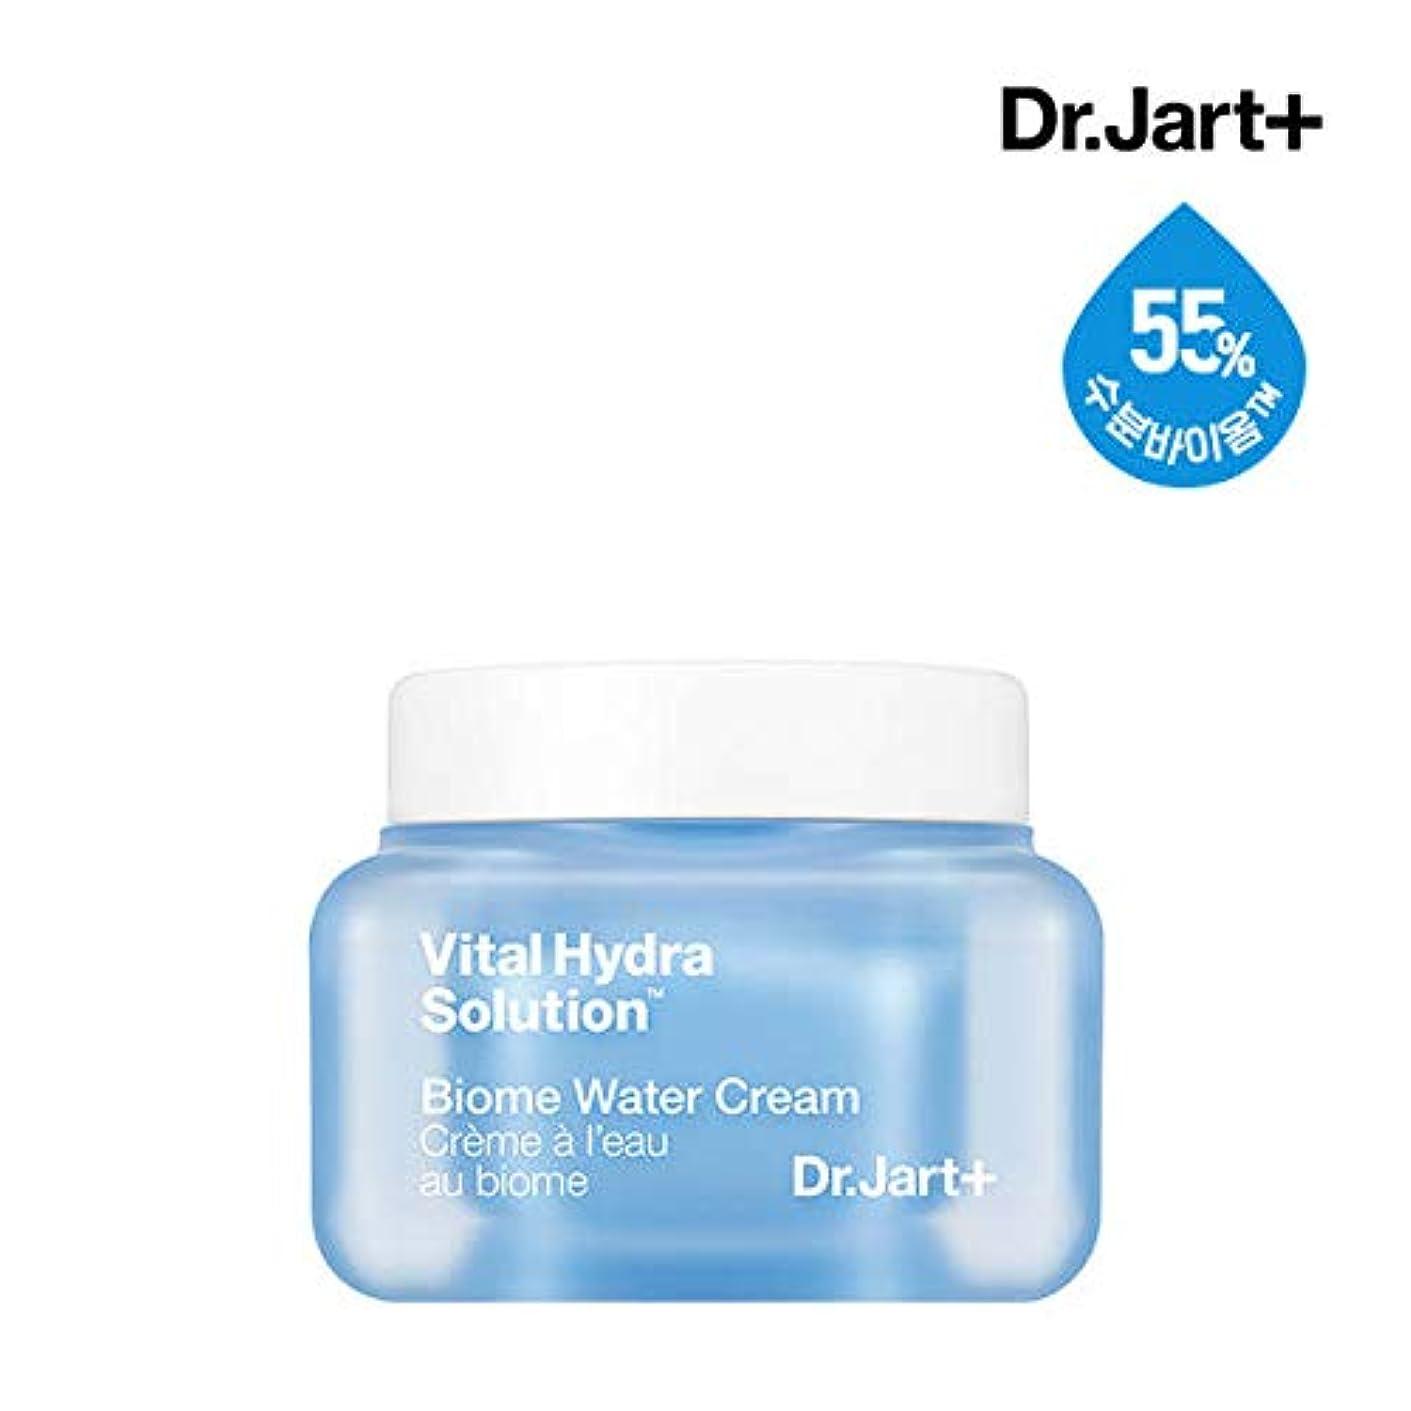 玉ねぎ課す妨げるドクタージャルトゥ[Dr.Jart+] バイタルハイドラソリューションバイオームウォータークリーム50ml (Vital Hydra Solution Biome Water Cream) /リフレッシュハイドレーション